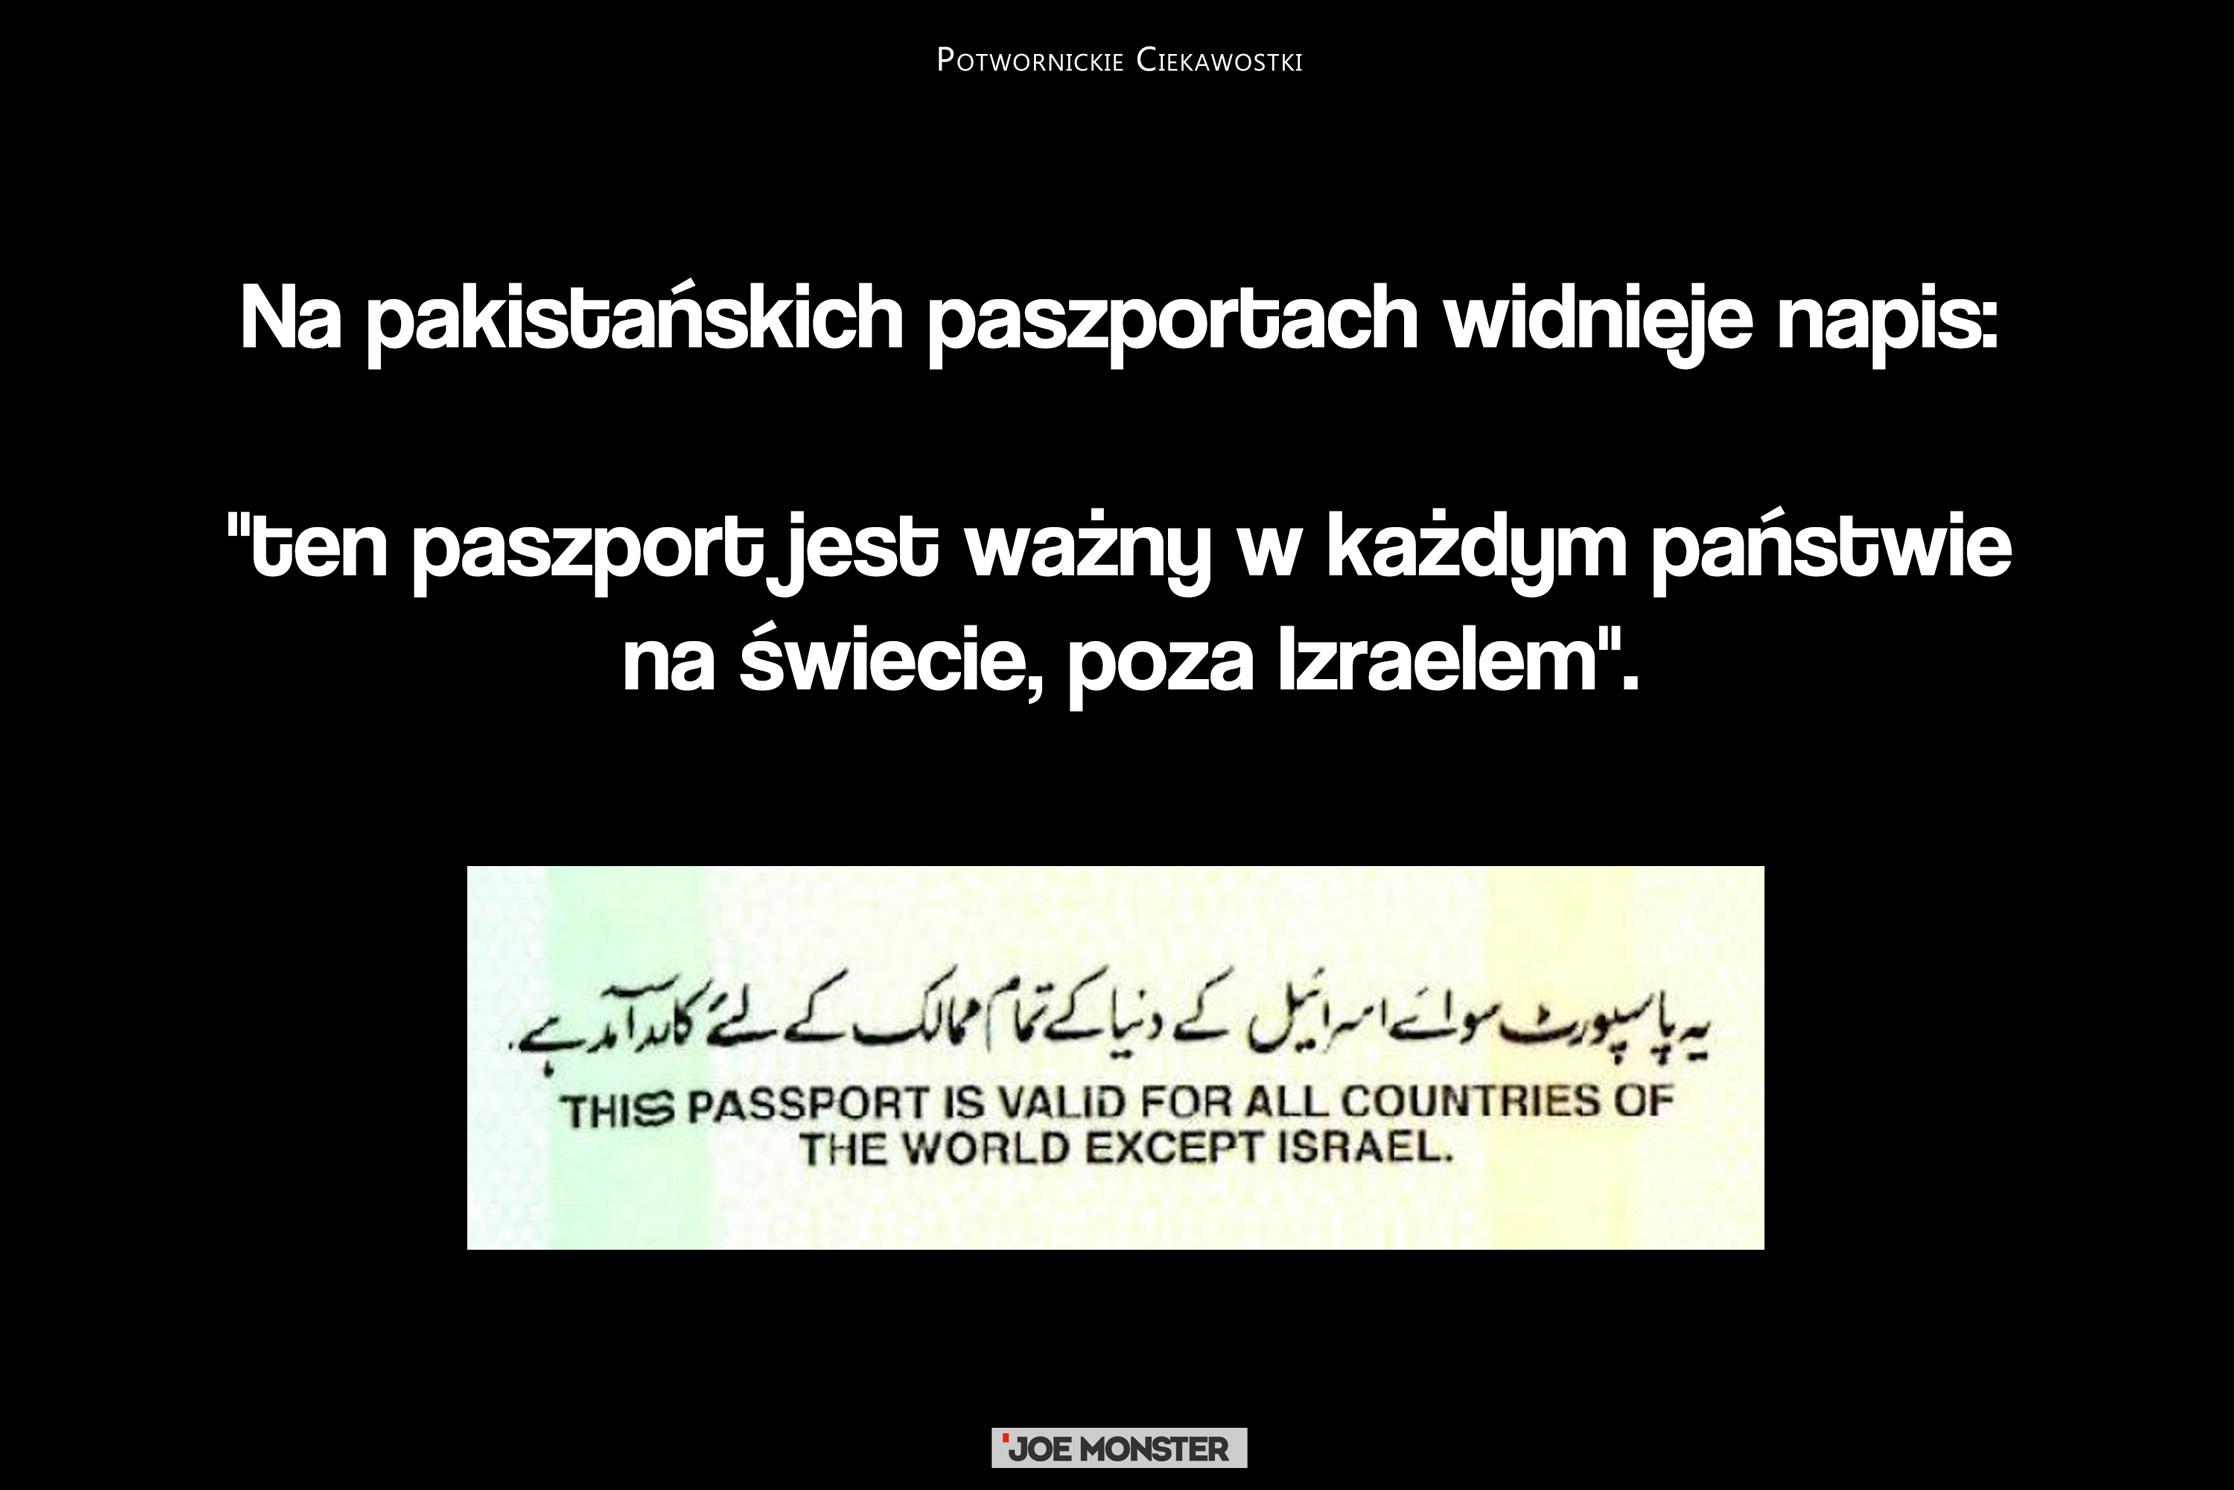 Na pakistańskich paszportach widnieje napis